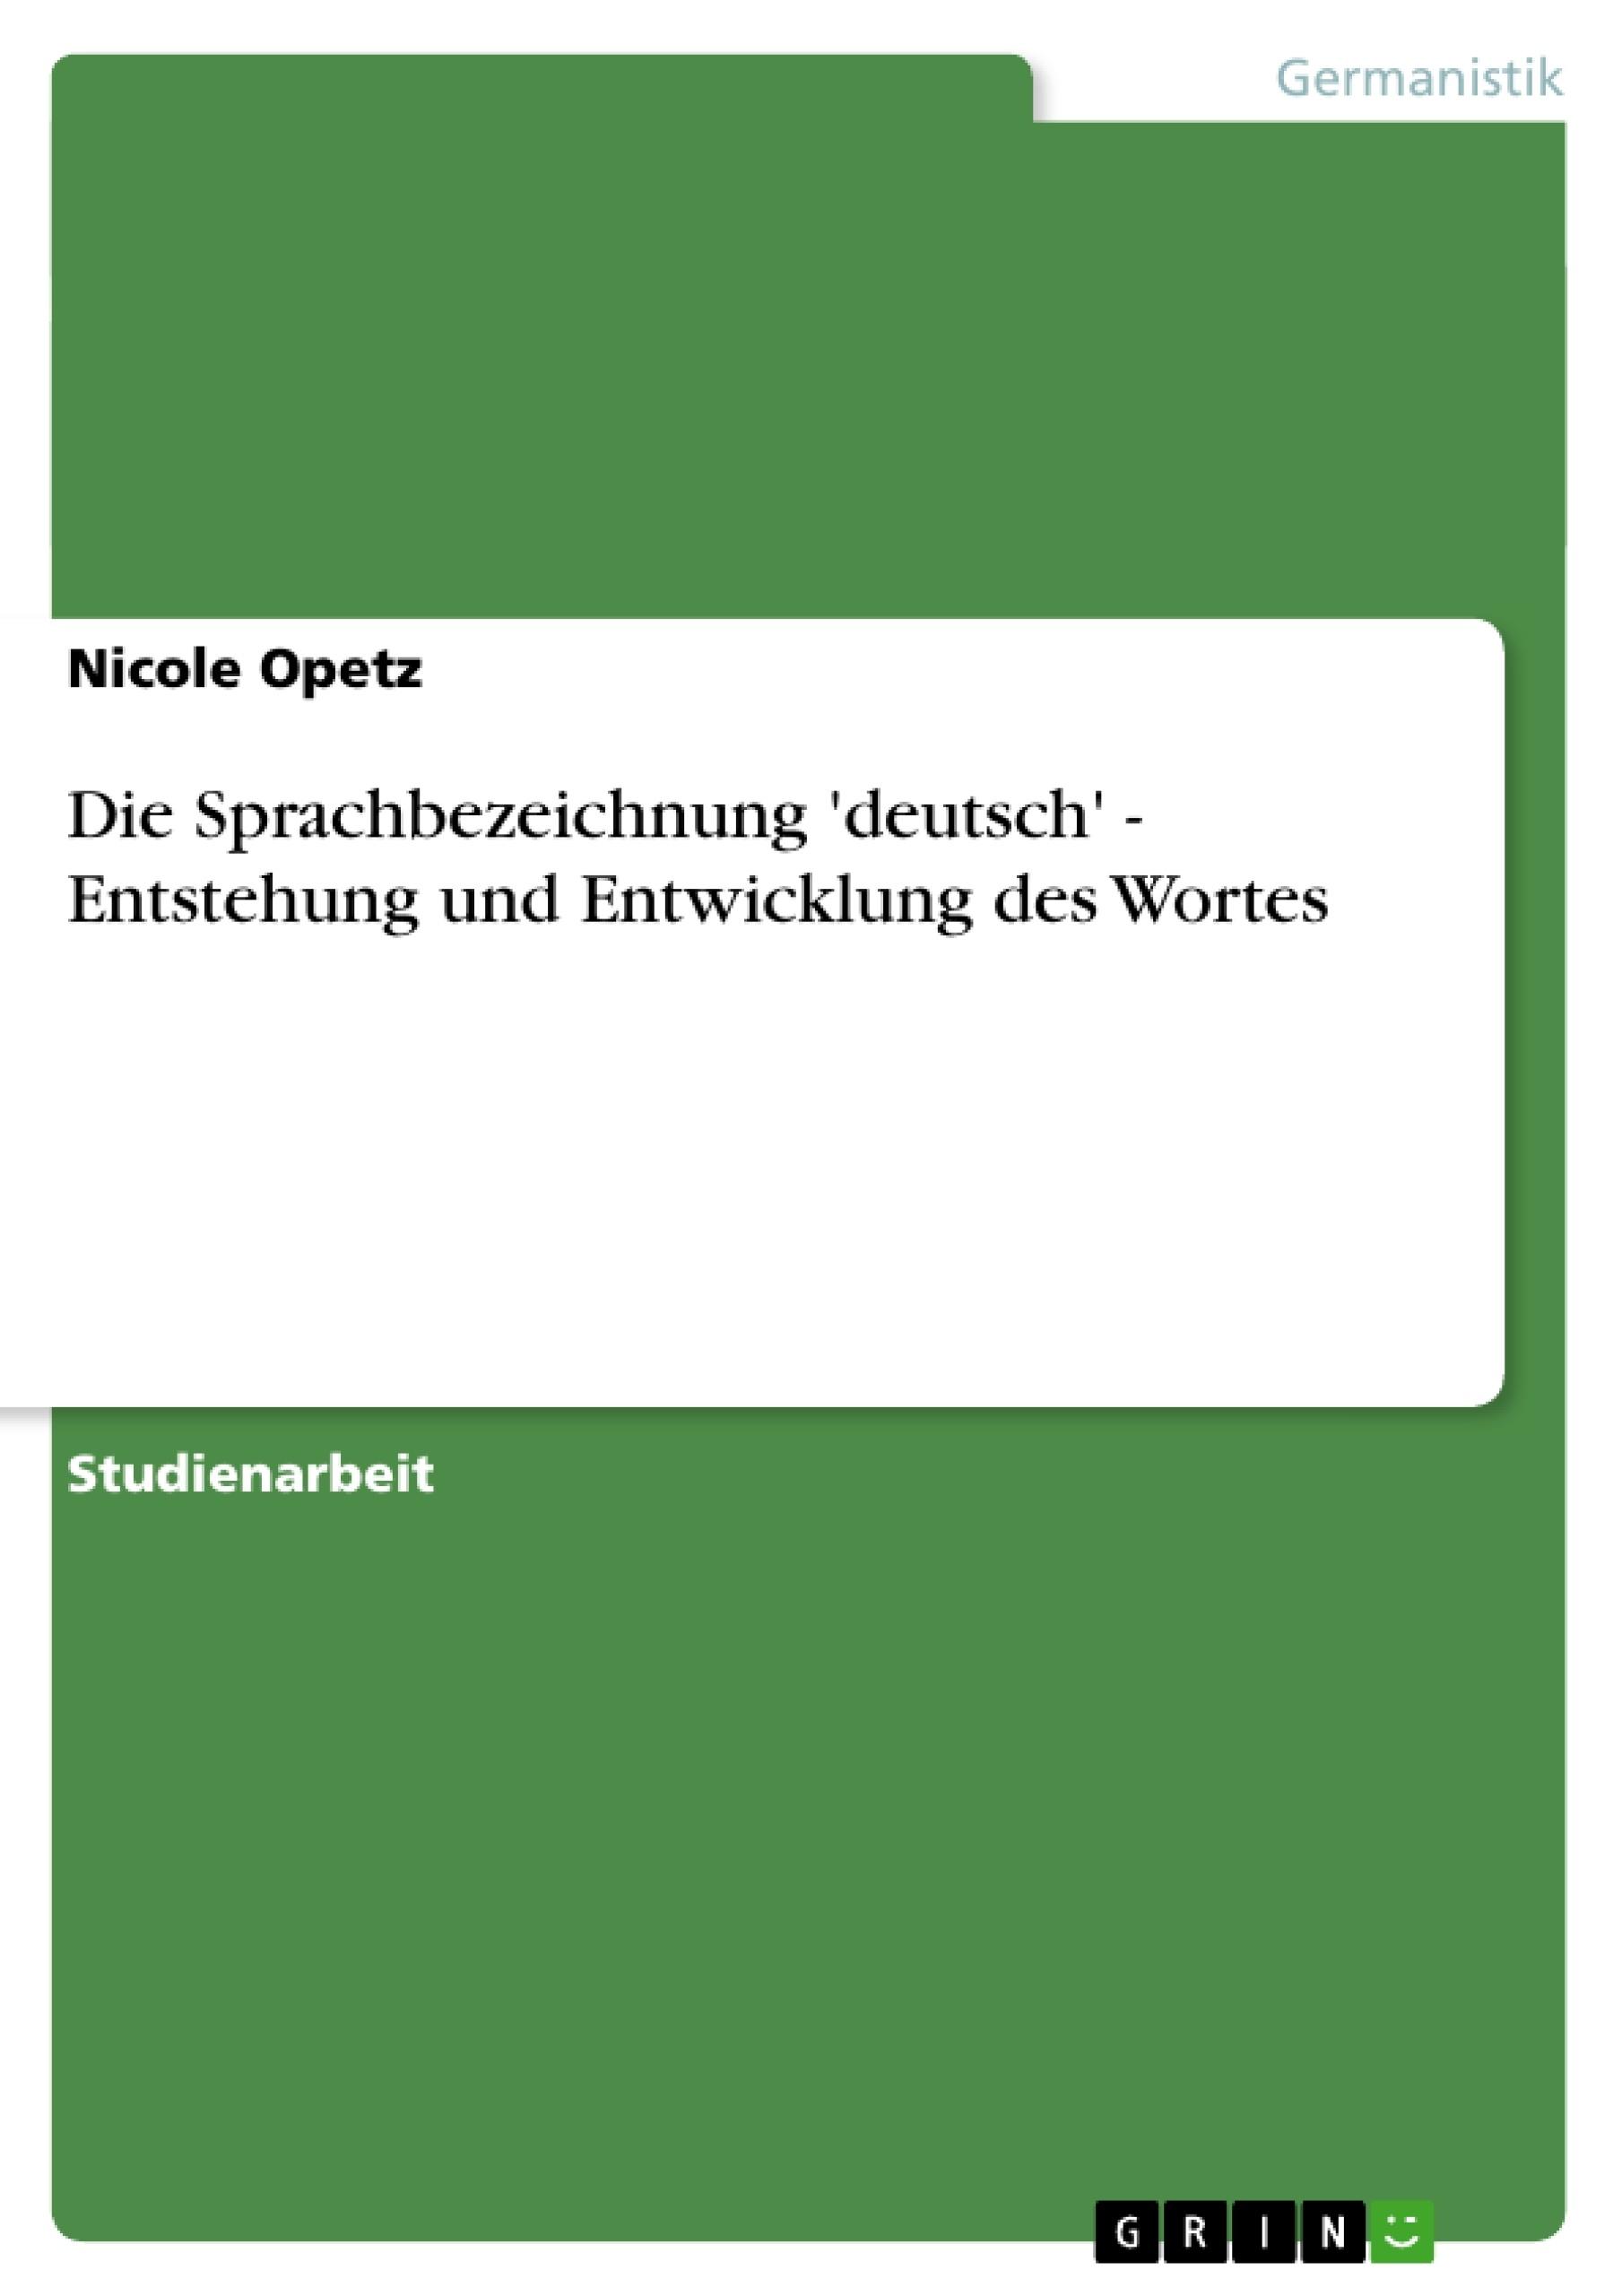 Titel: Die Sprachbezeichnung 'deutsch' - Entstehung und Entwicklung des Wortes